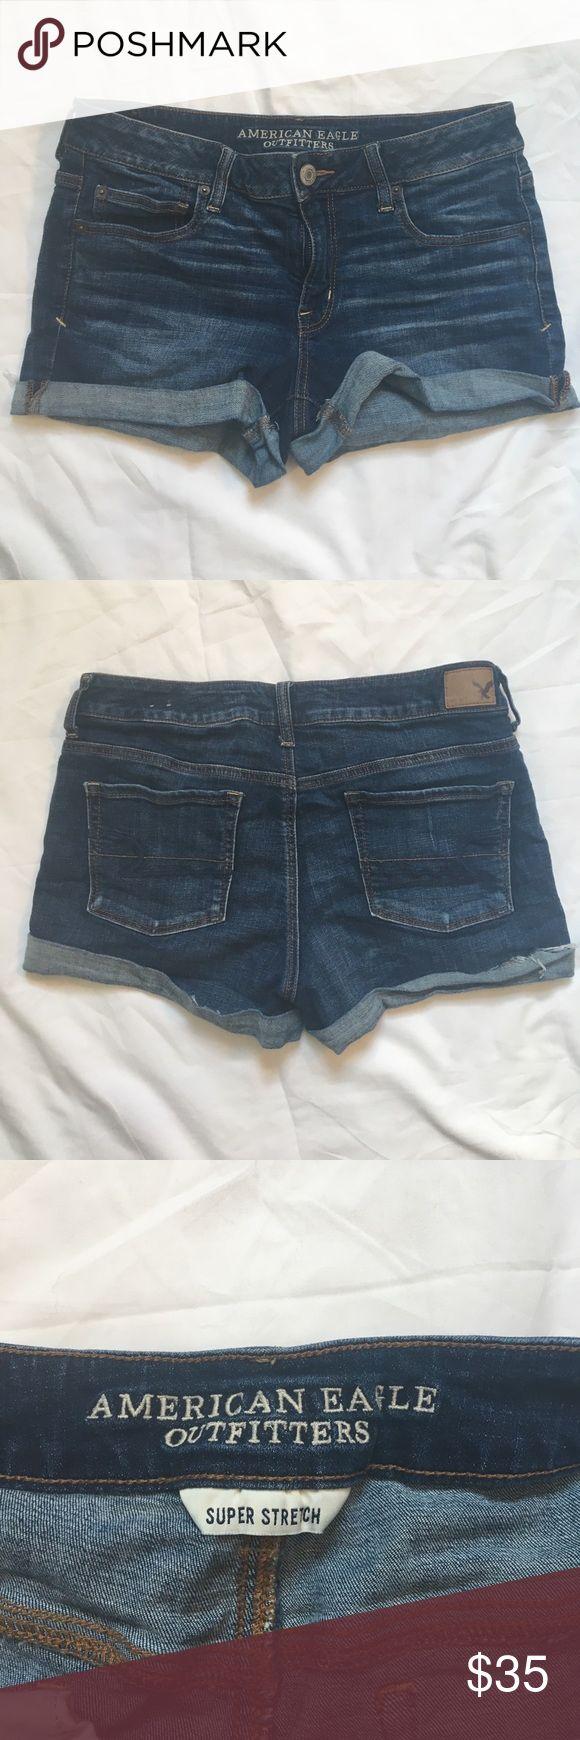 American Eagle Hi-Rise Super Stretch Jean shorts size 12 super stretch American Eagle Outfitters Shorts Jean Shorts